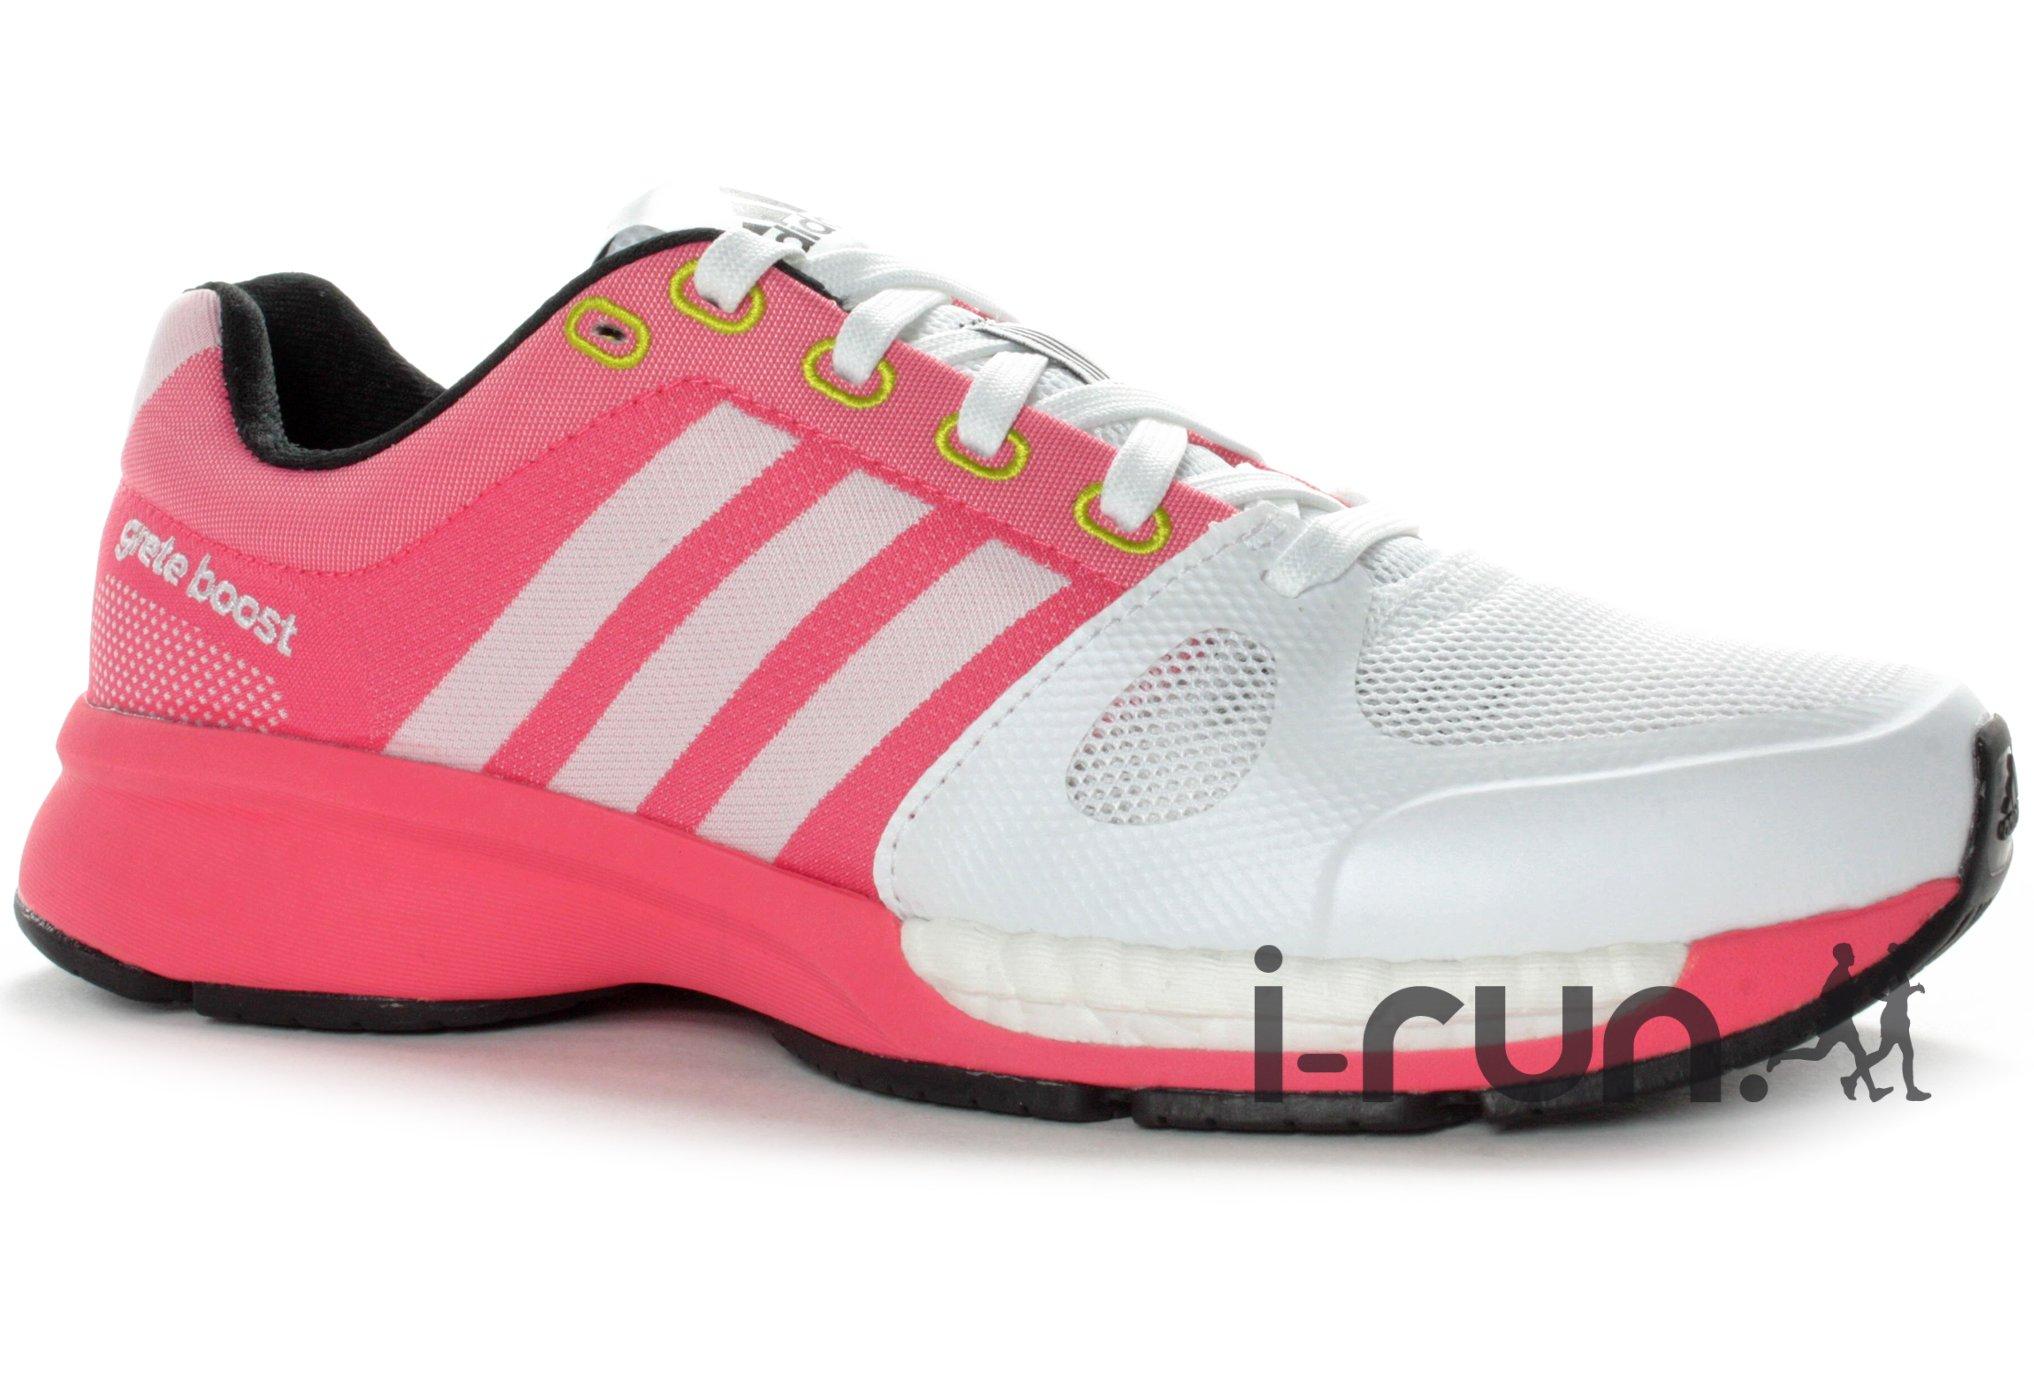 Adidas Grete 30 boost w diététique chaussures femme